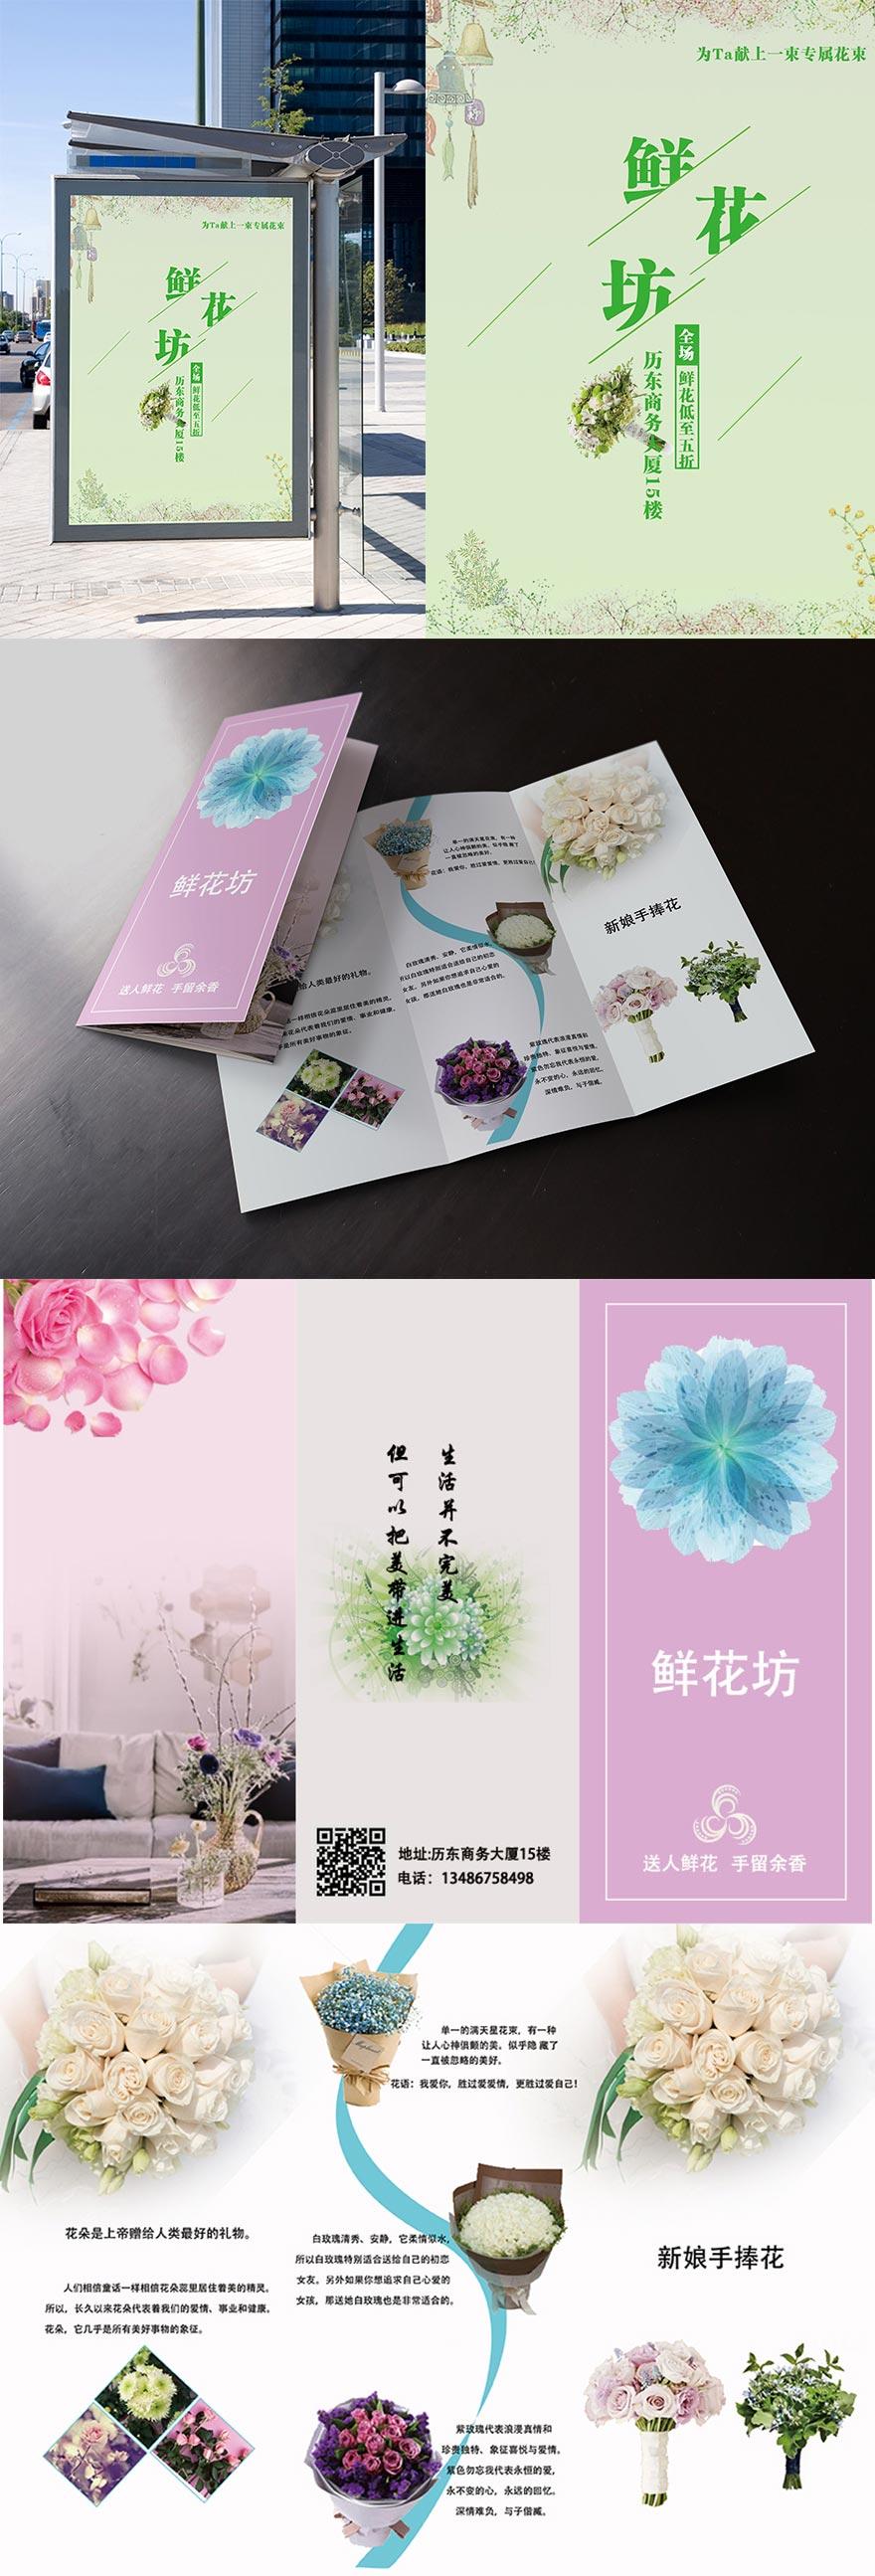 鲜花坊宣传品设计